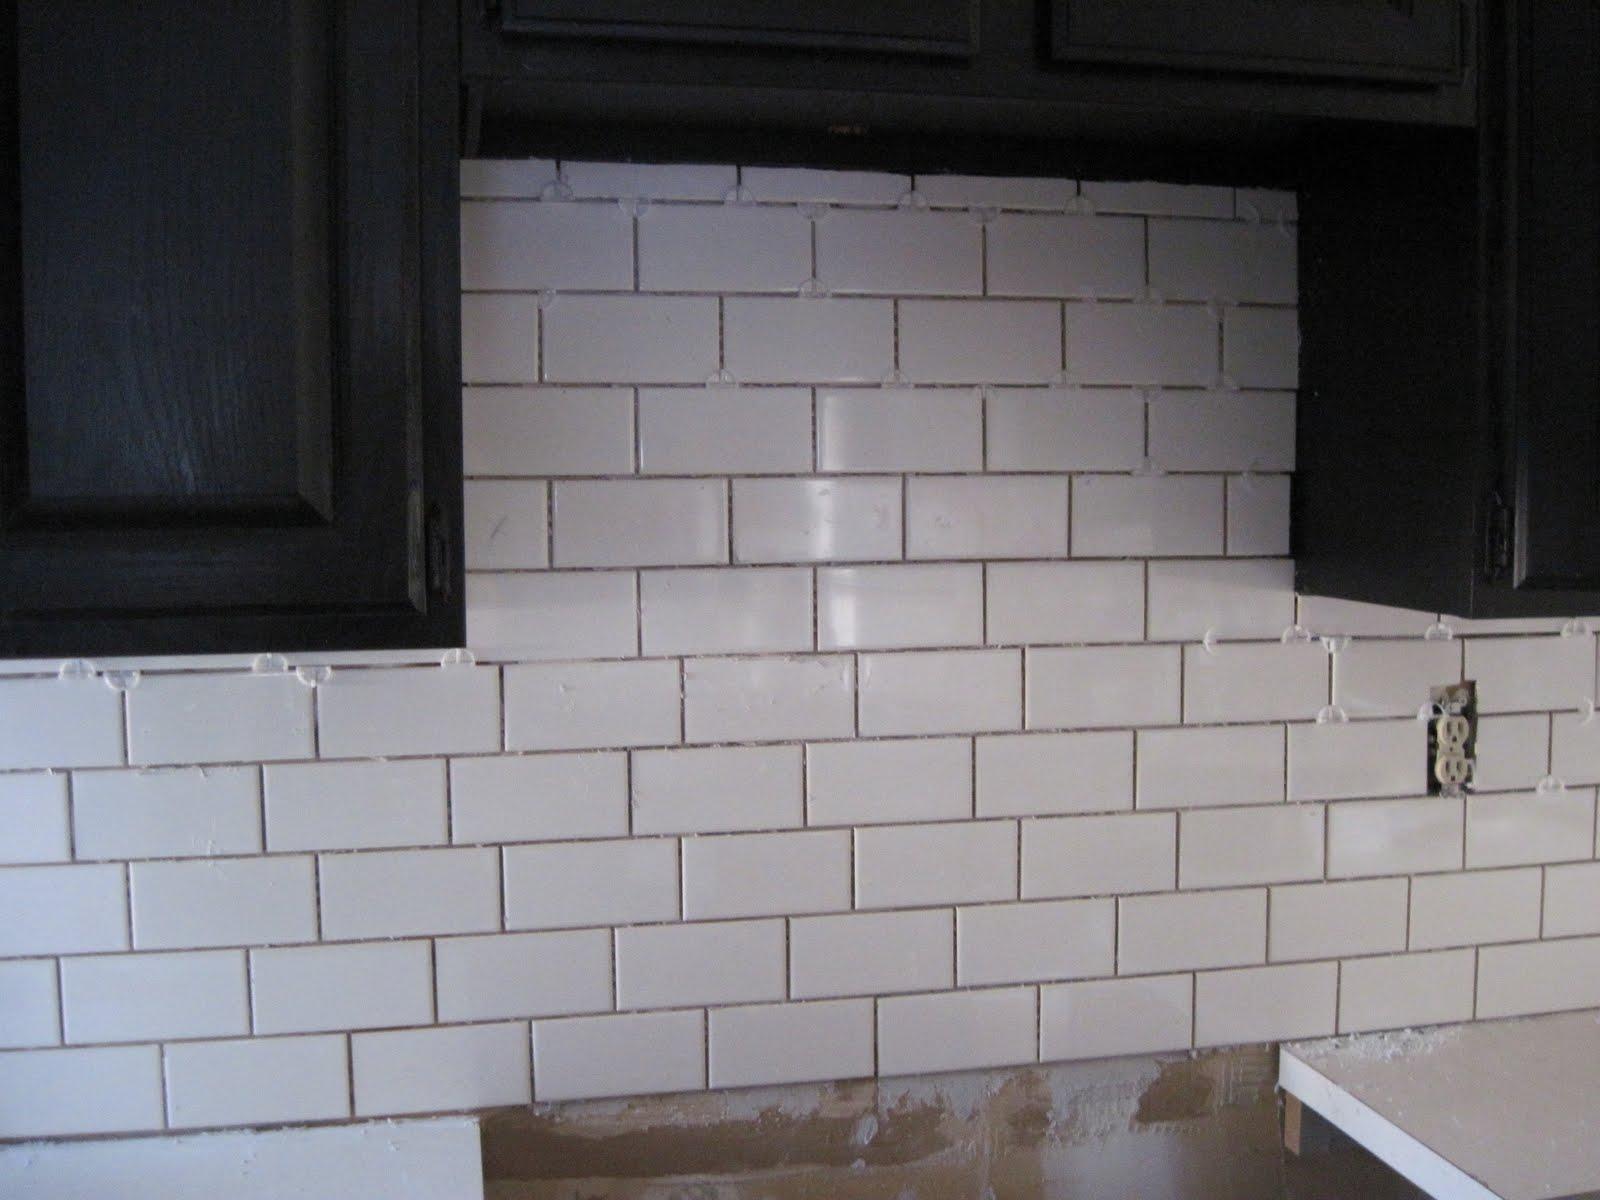 northern magnolia kitchen backsplash our love affair with subway tile. Black Bedroom Furniture Sets. Home Design Ideas